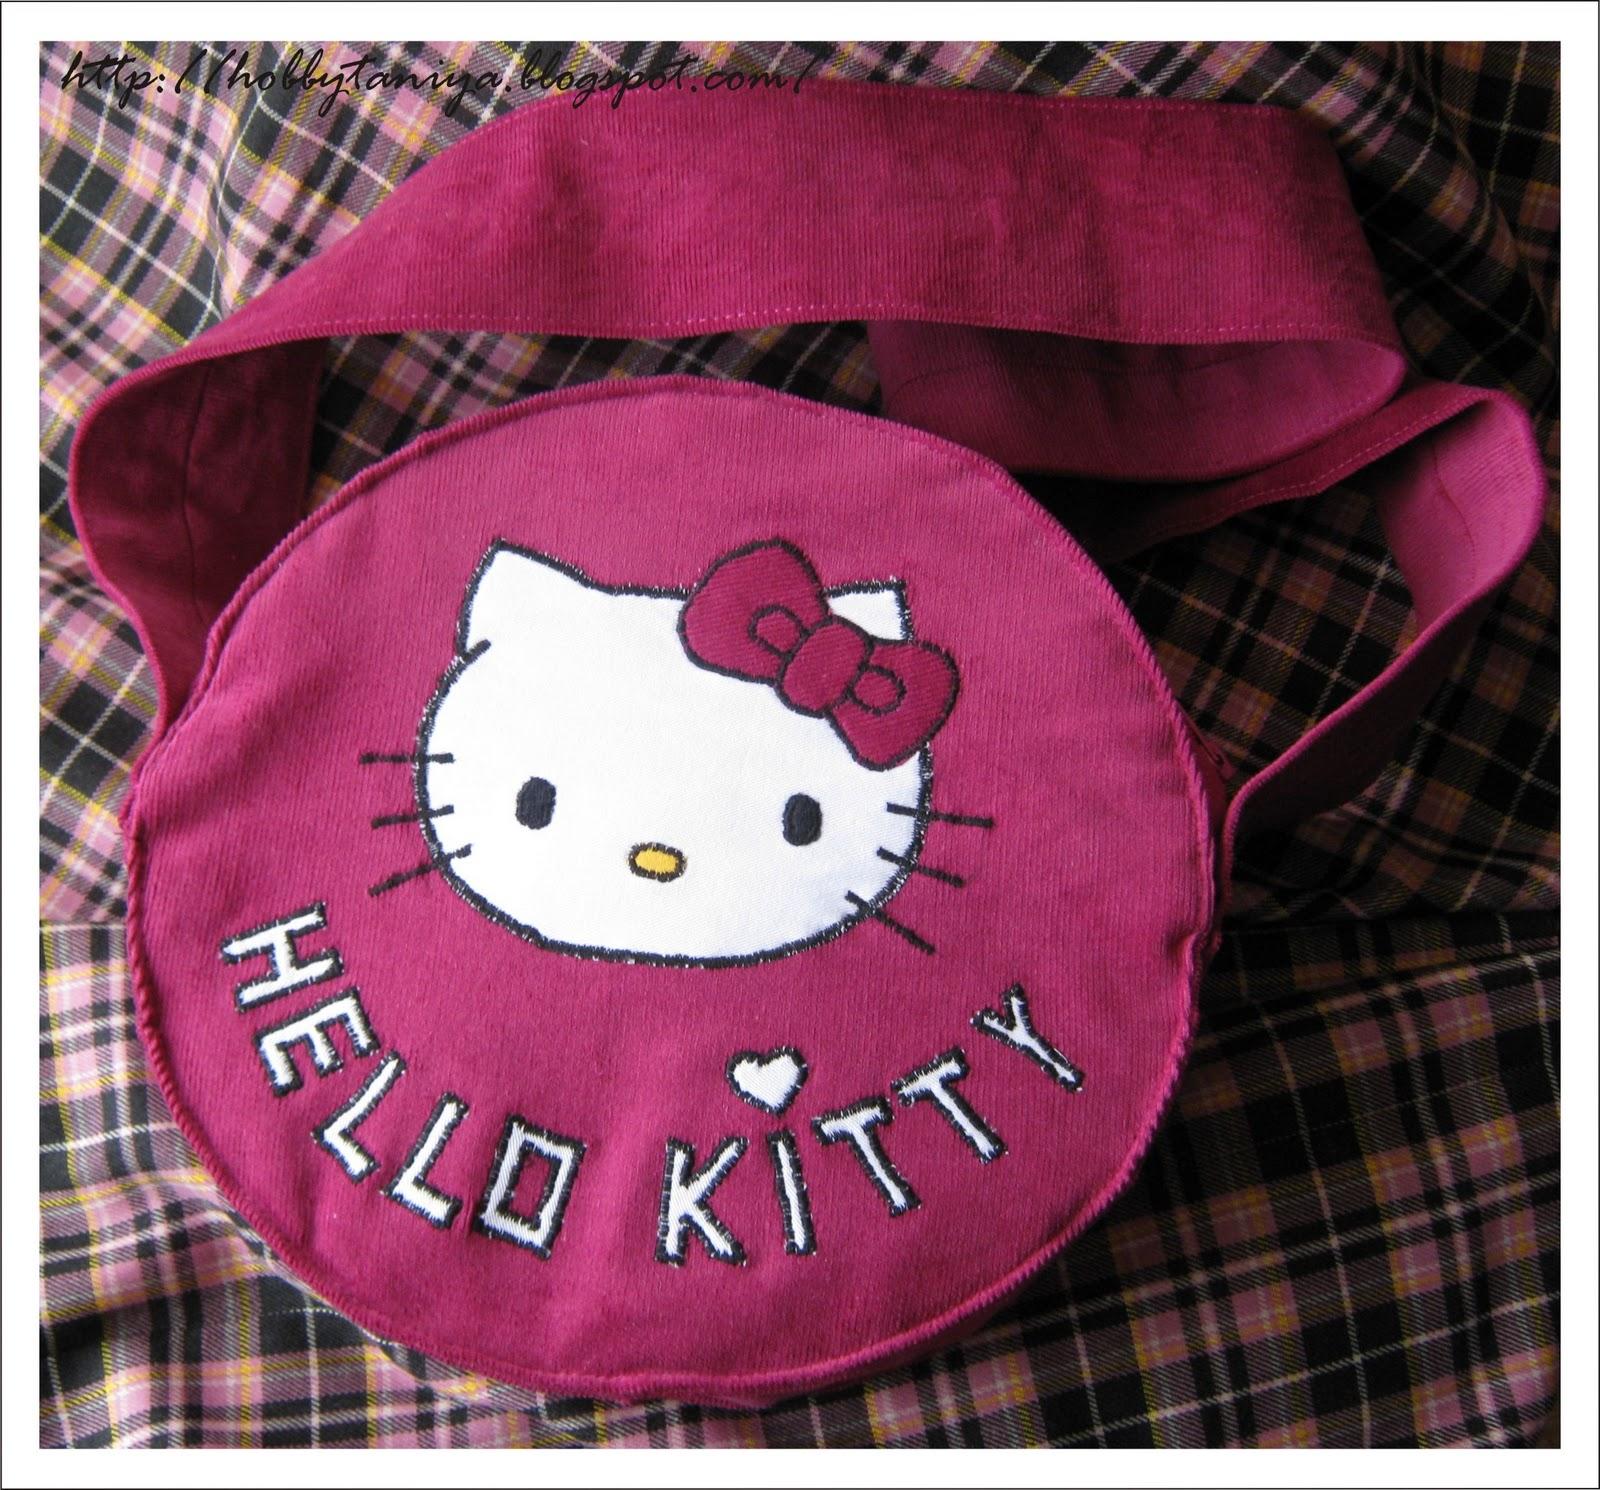 e1a3e6f12926 Правильно - подходящая сумочка. Вчера у дочки наших друзей был День  Рождения и эта сумка стала частью подарка для маленькой модницы.